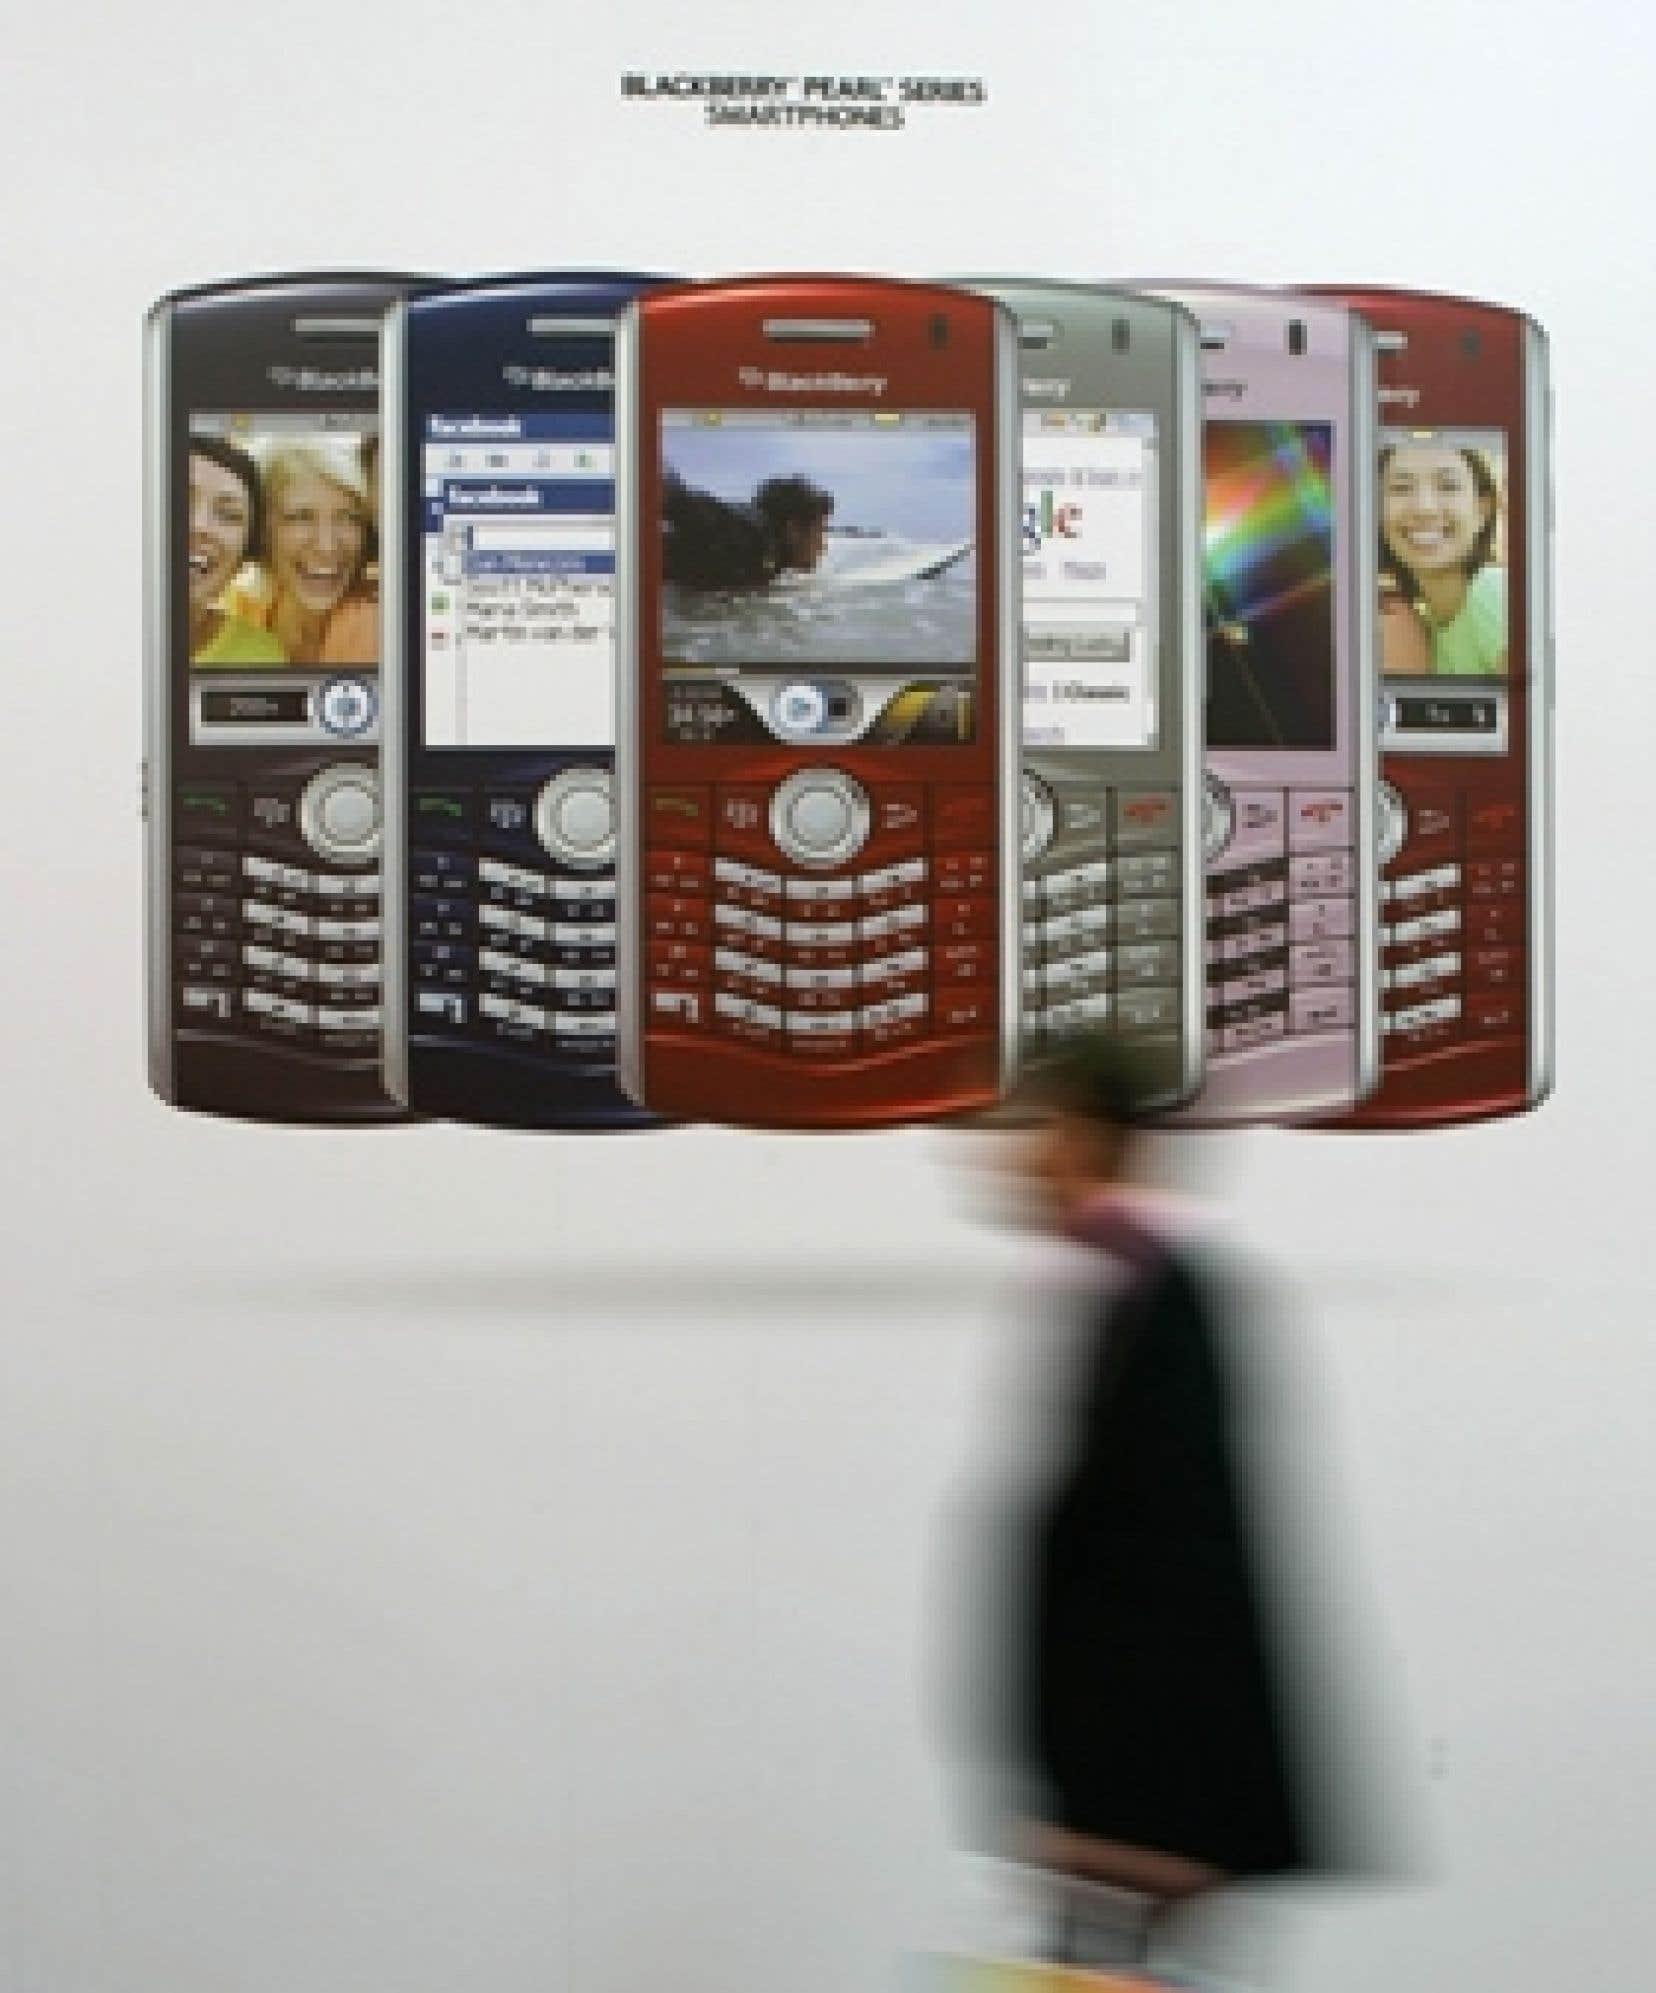 Le fabricant du BlackBerry, Research in Motion (RIM), ouvrira son propre magasin d'applications en ligne au mois de mars.